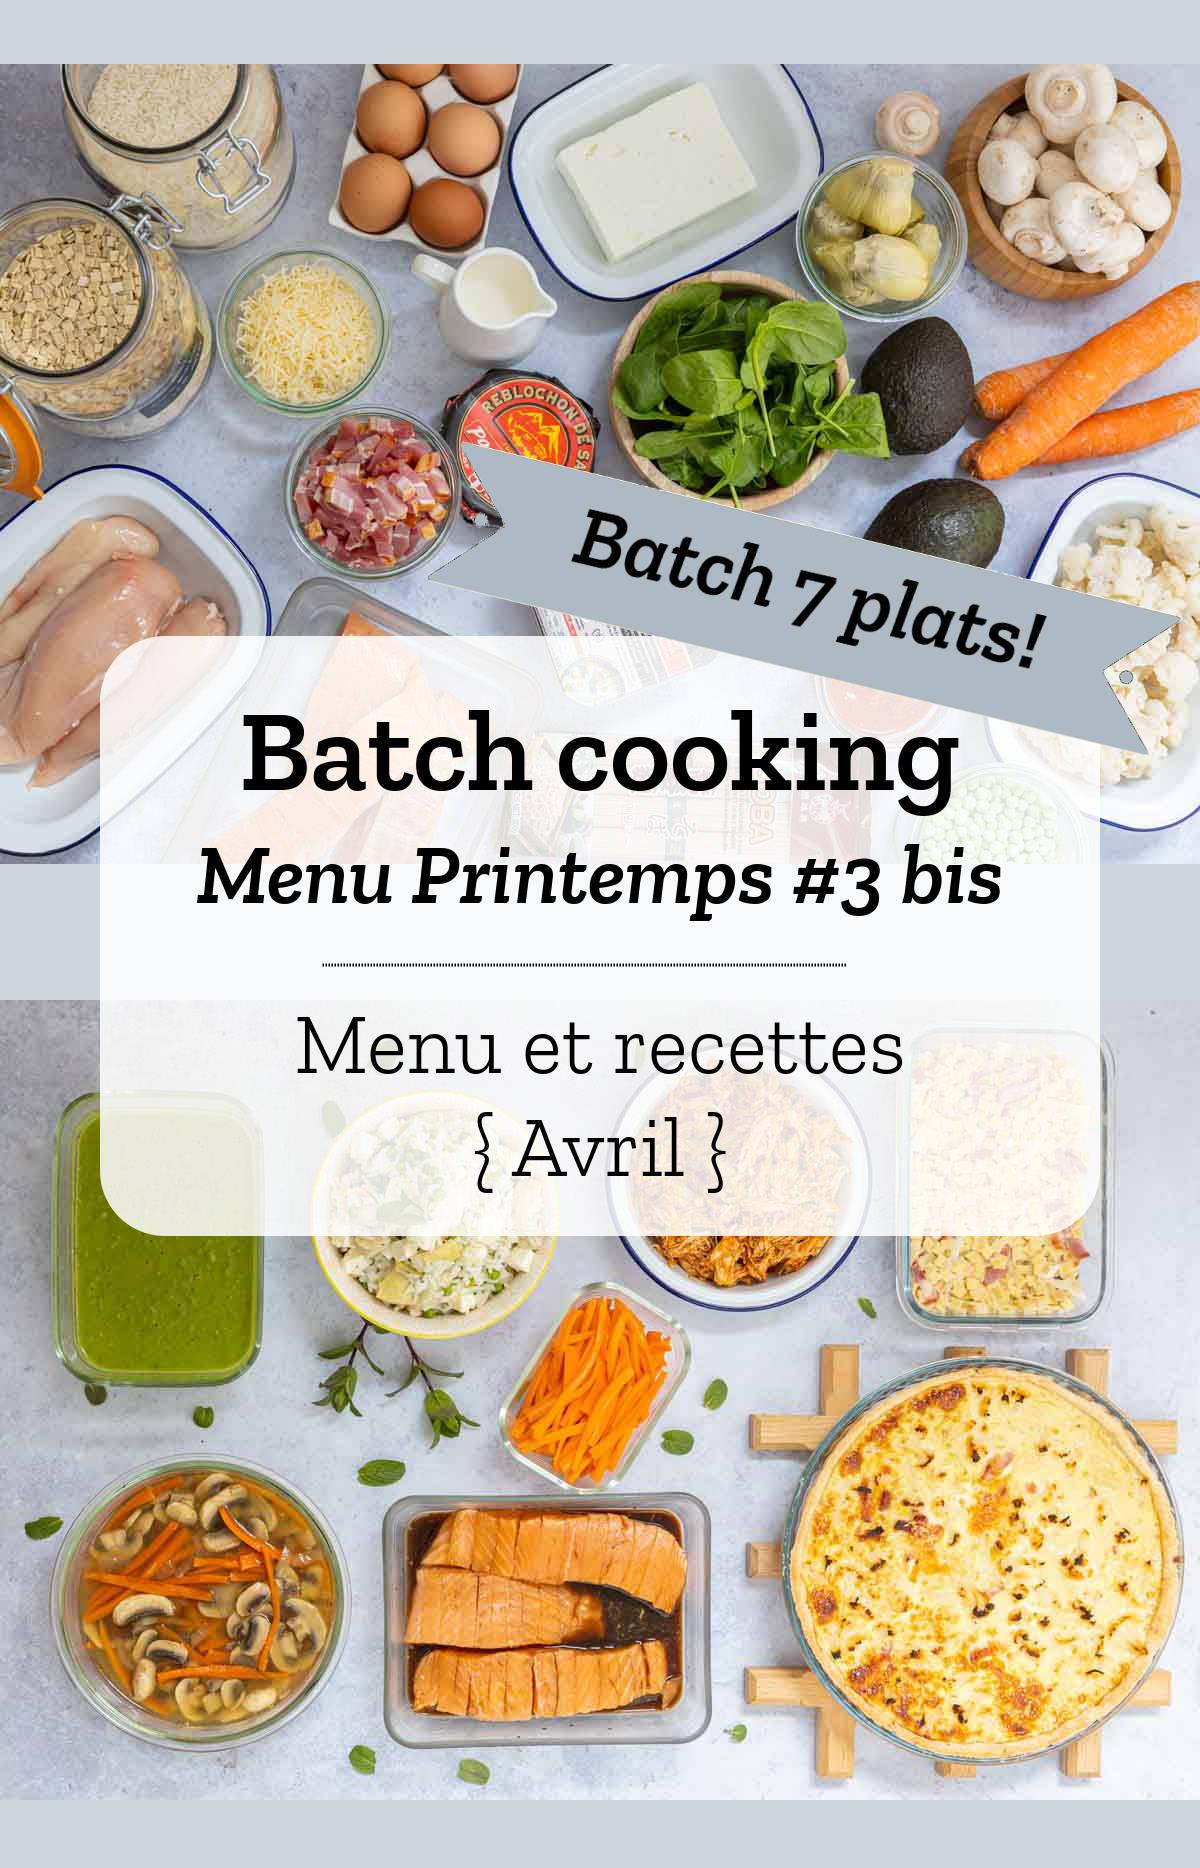 Batch cooking Printemps #3 bis - Mois d\'Avril 2020 - Semaine 15 {Batch 7 plats}